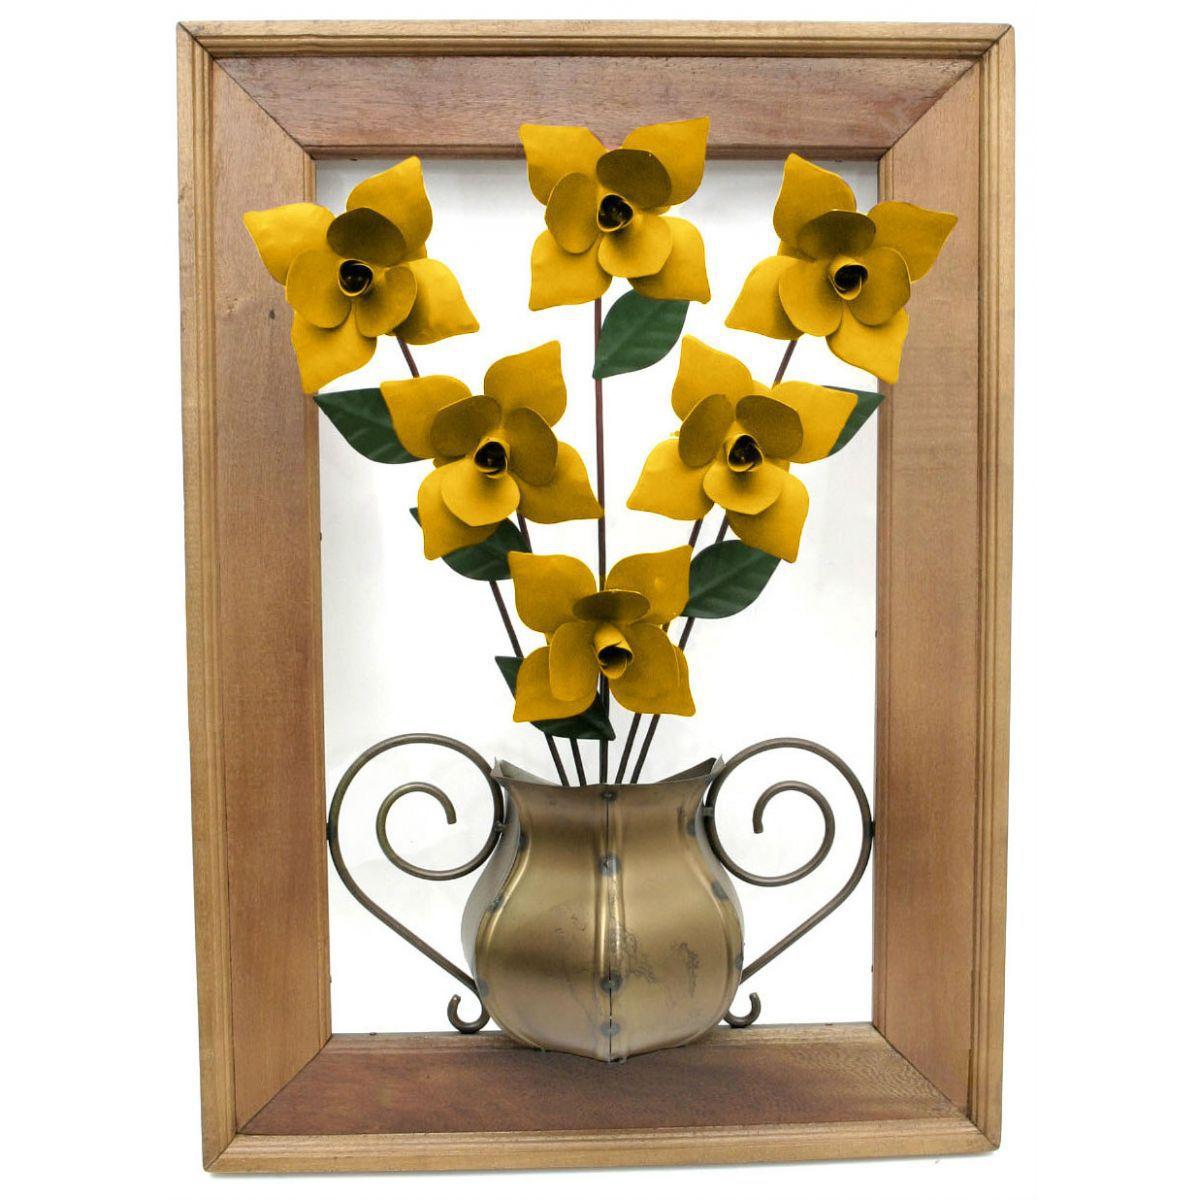 Quadro De Madeira Rústica Com Rosas De Ferro Amarelo